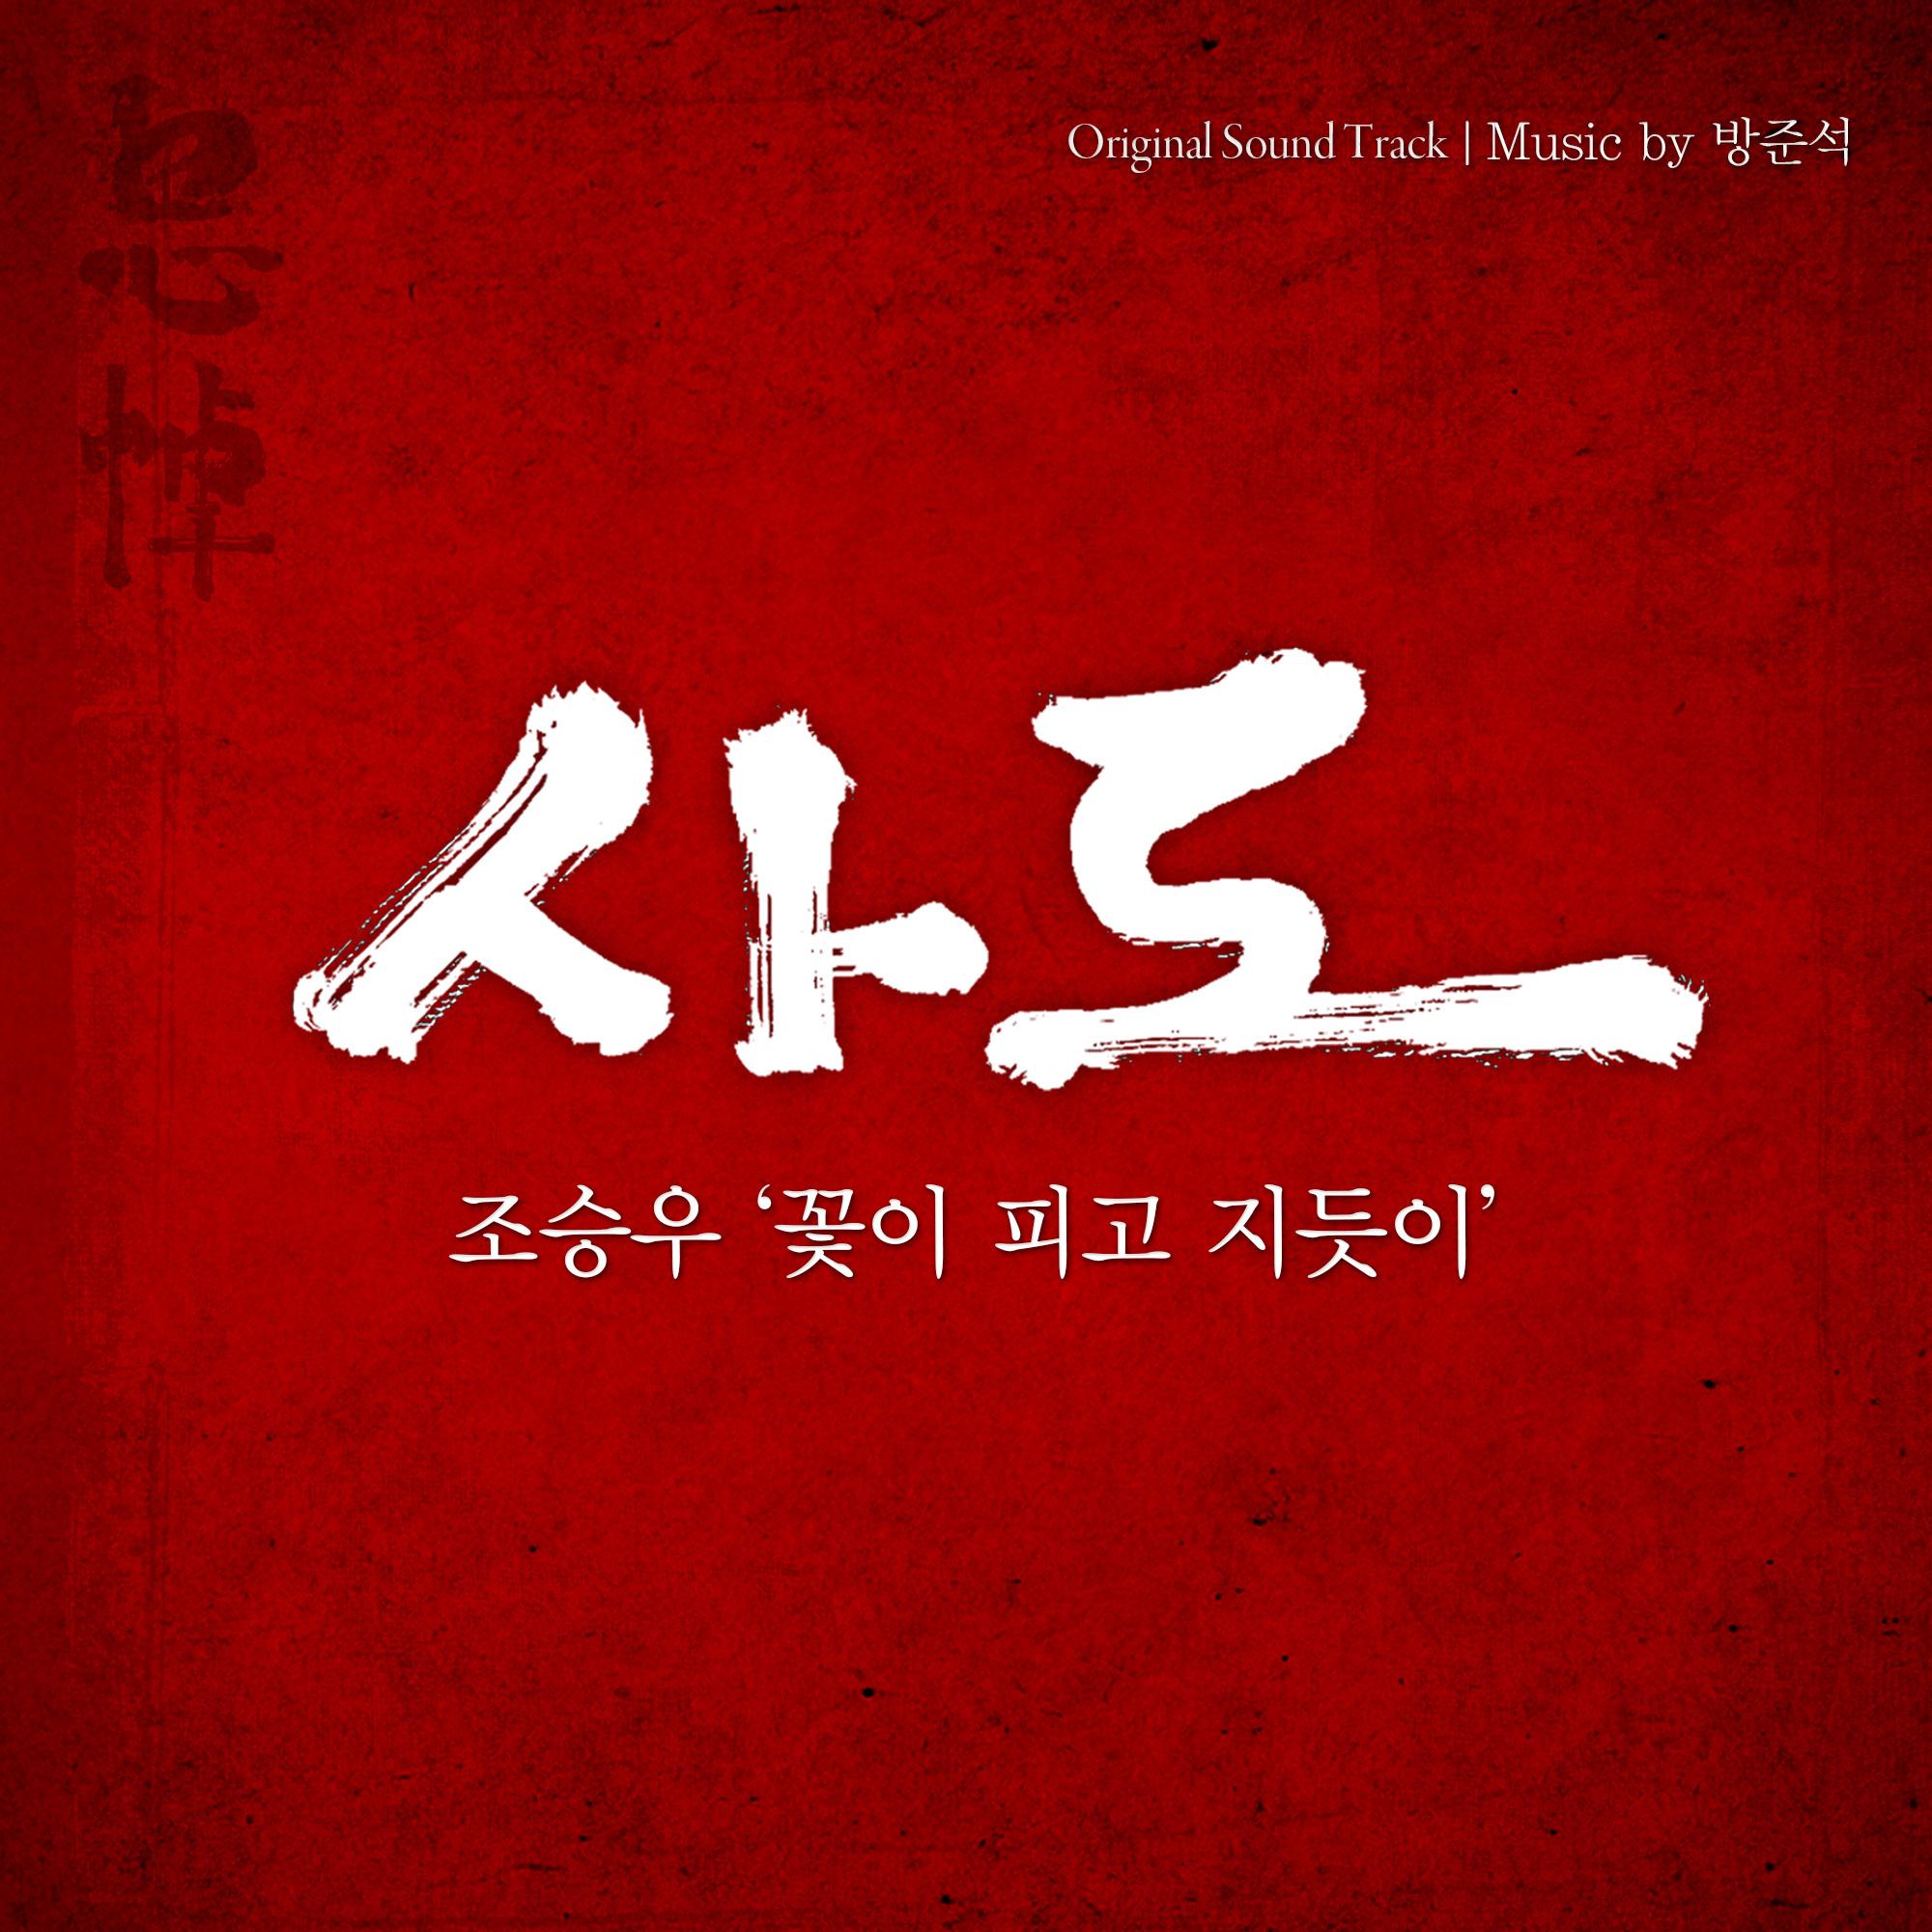 사도 OST 앨범정보